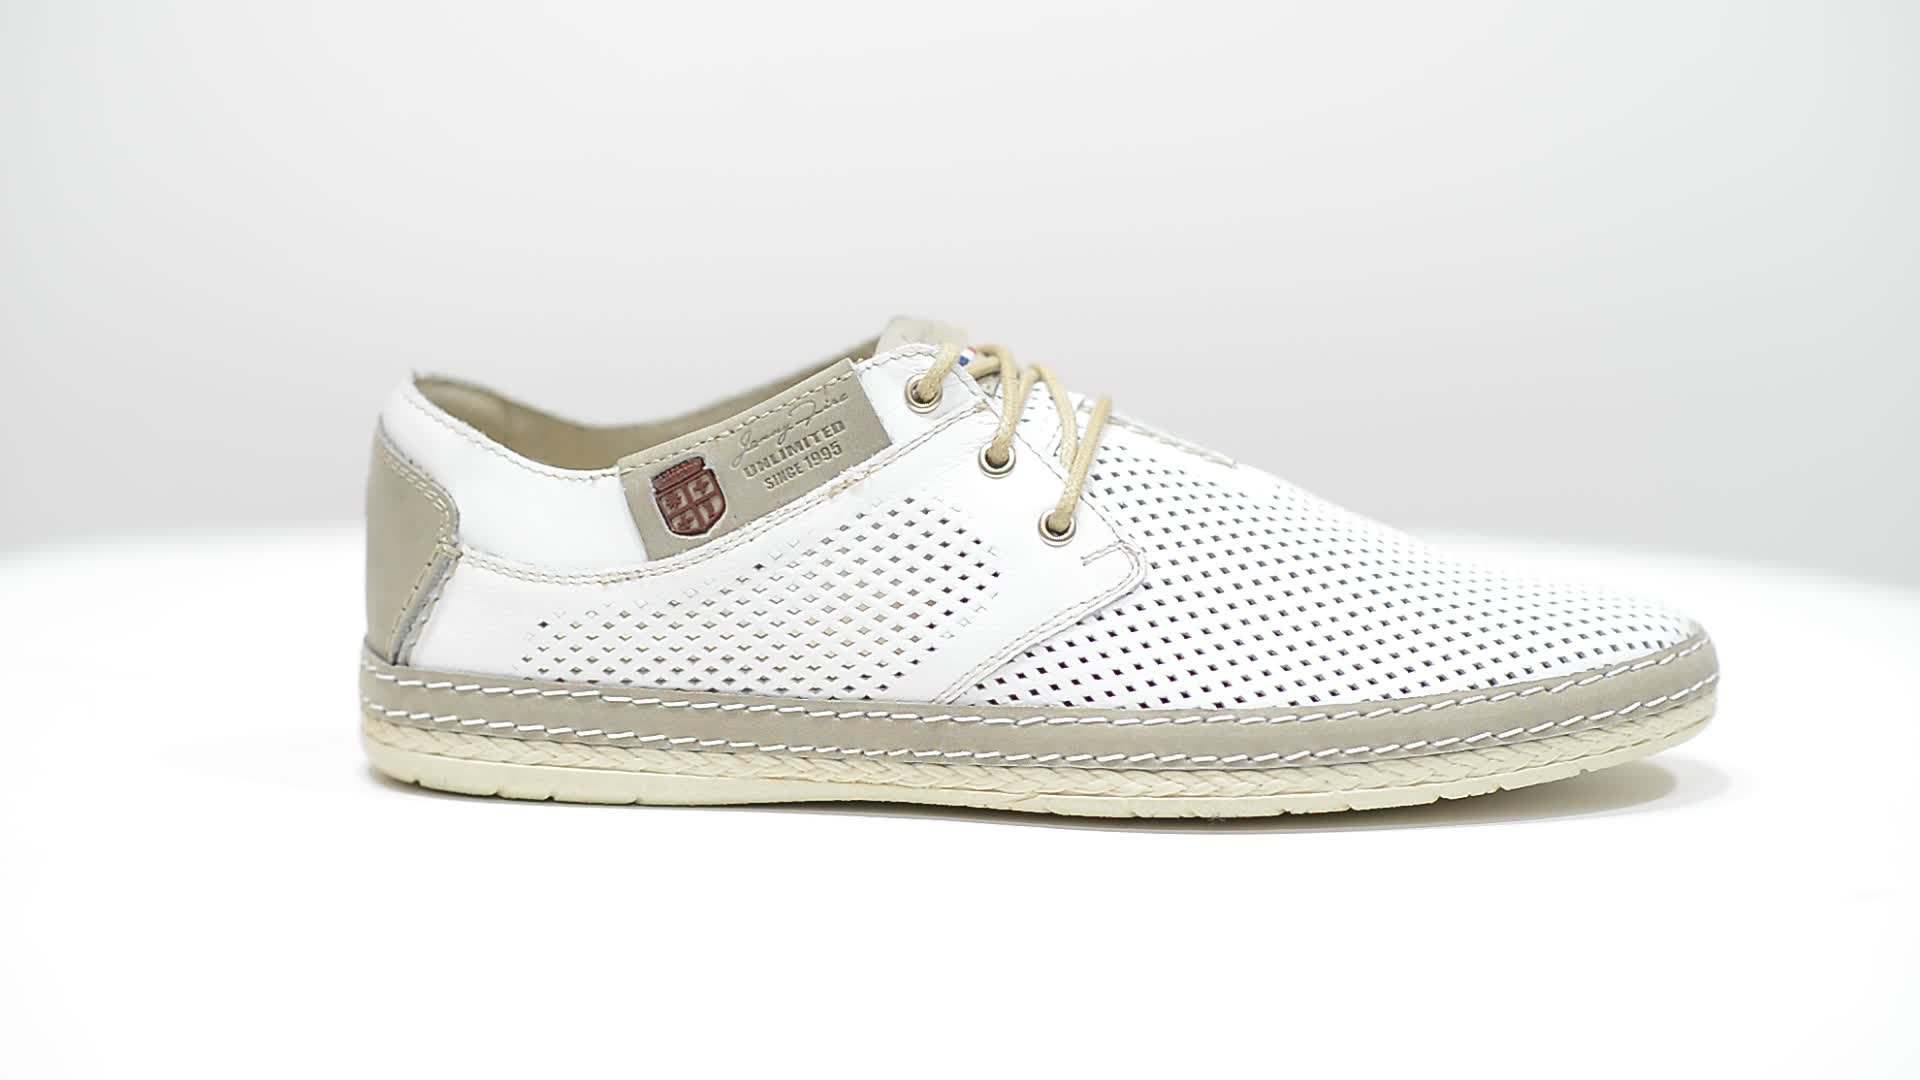 Wholesale summer shoes for men L175 vp